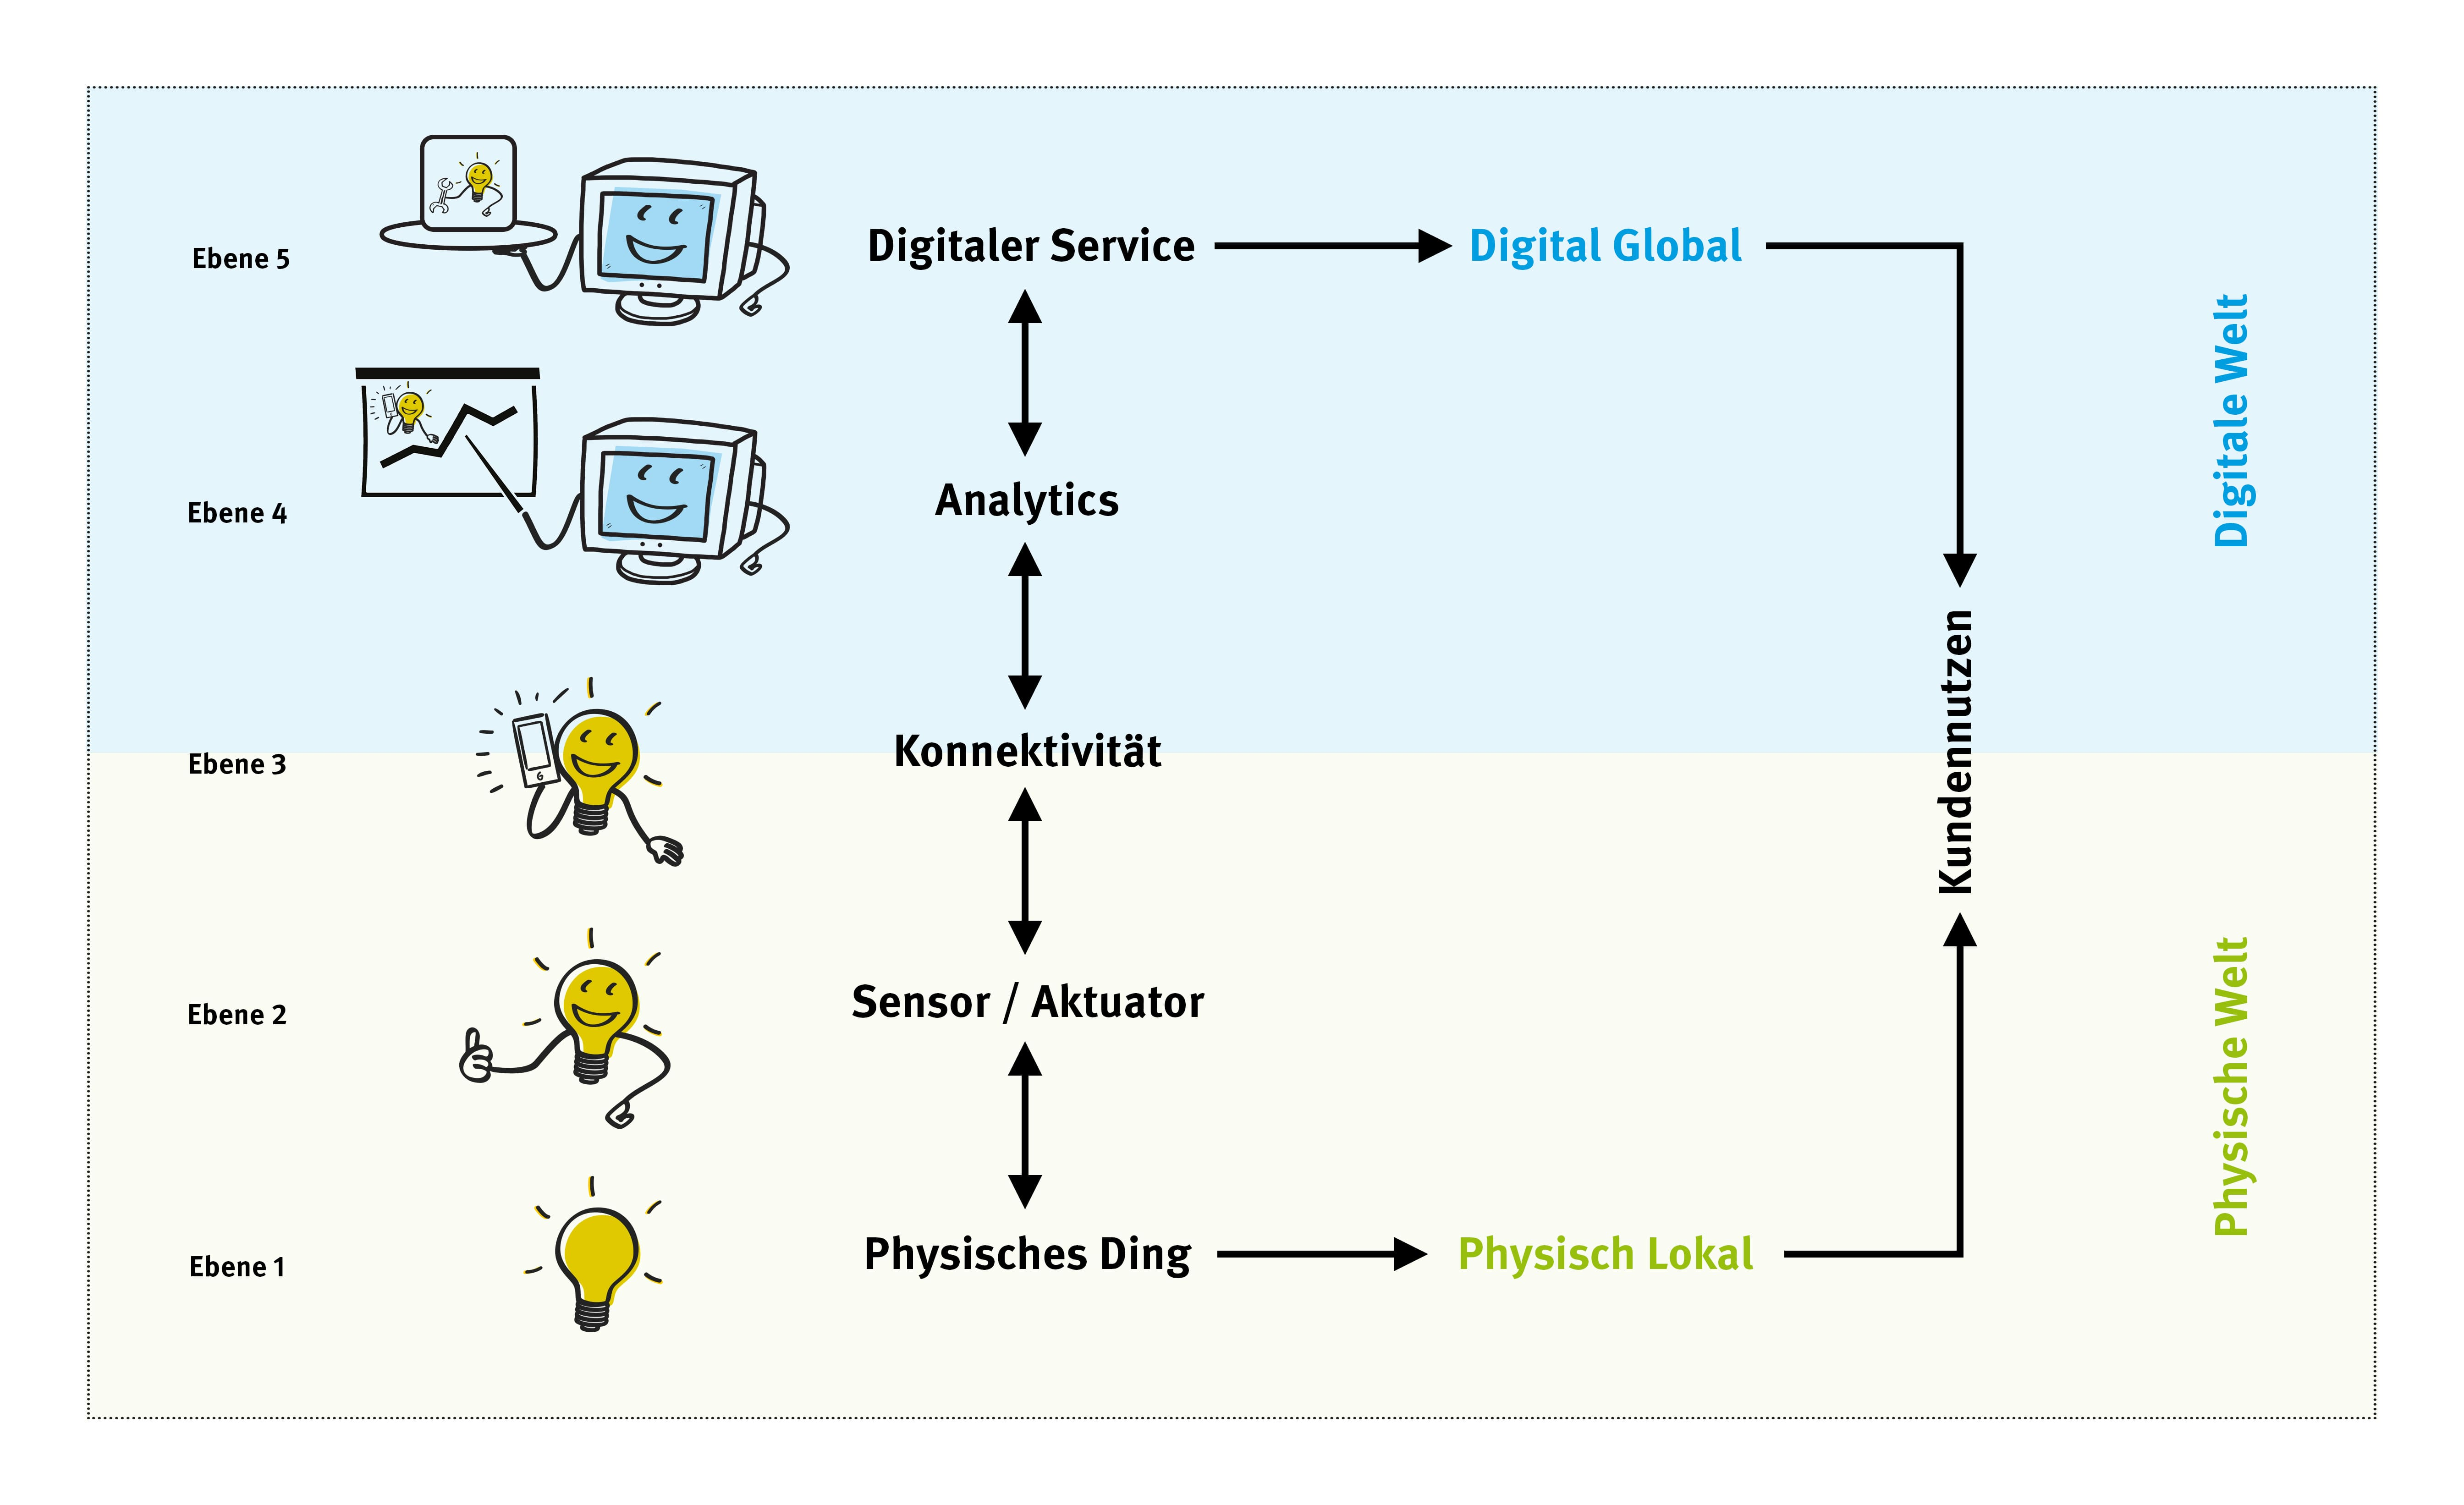 5 Wertschöpfungsstufen für IoT-Applikationen